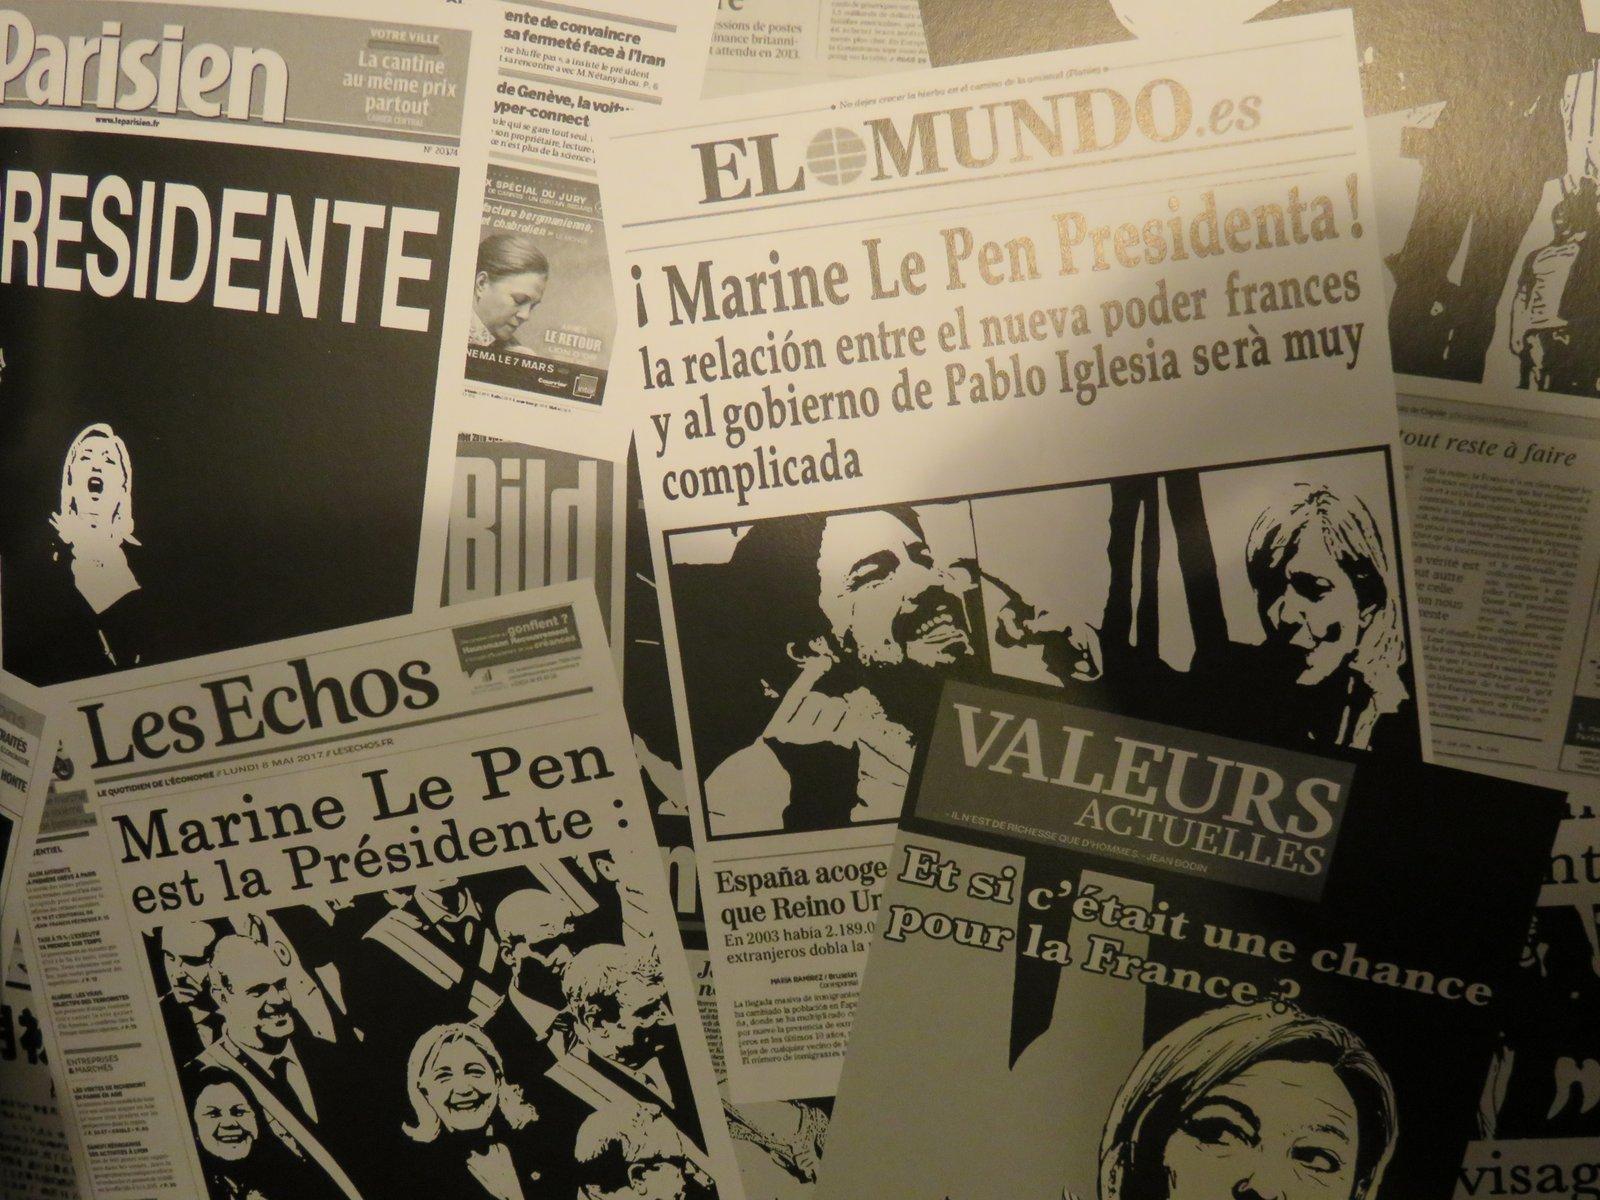 La présidente - Boudjellal - Durpaire - Unes journaux